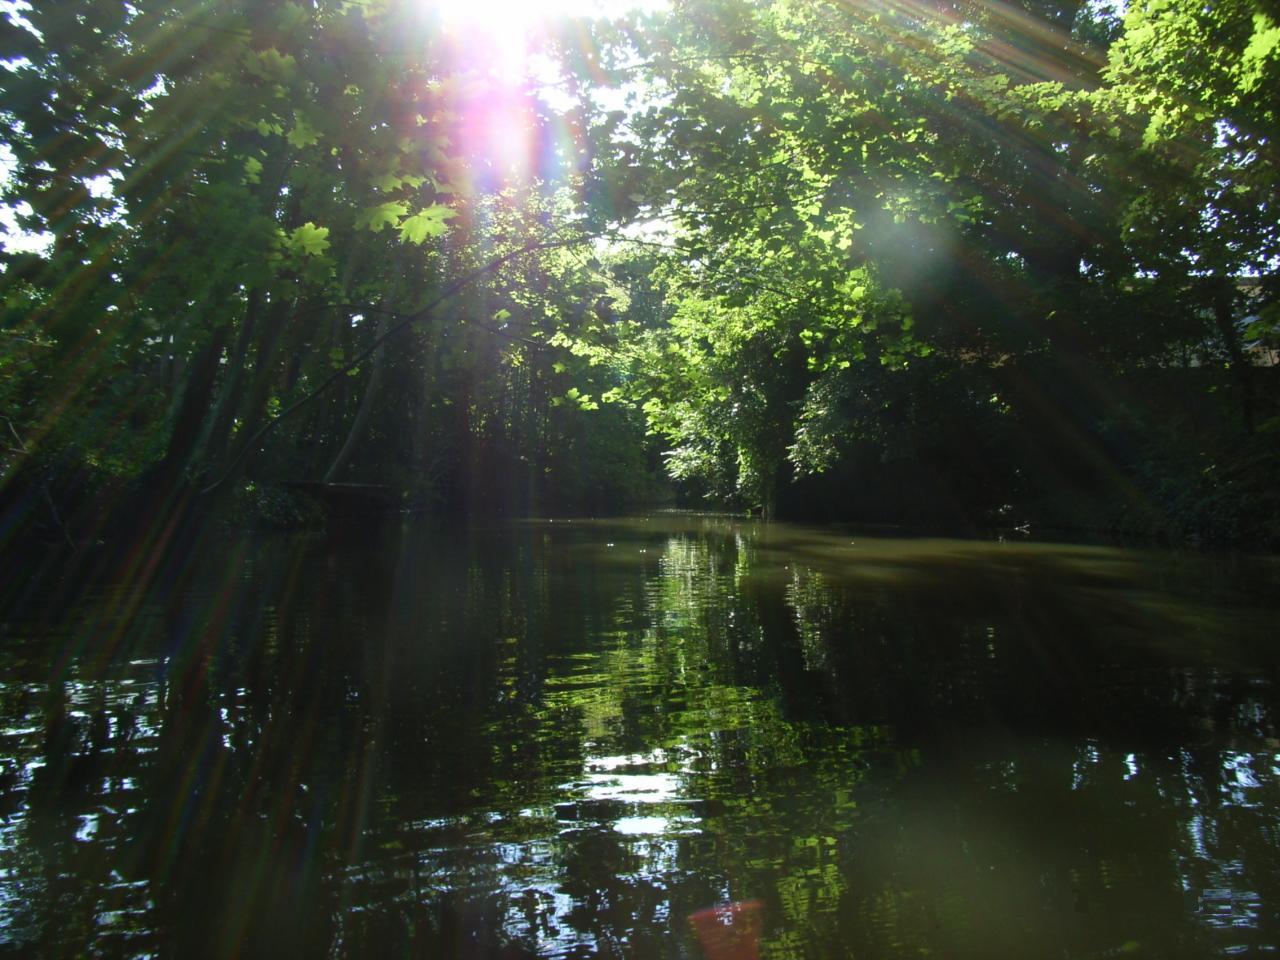 Auf dem Wasser, da ist es am schönsten...